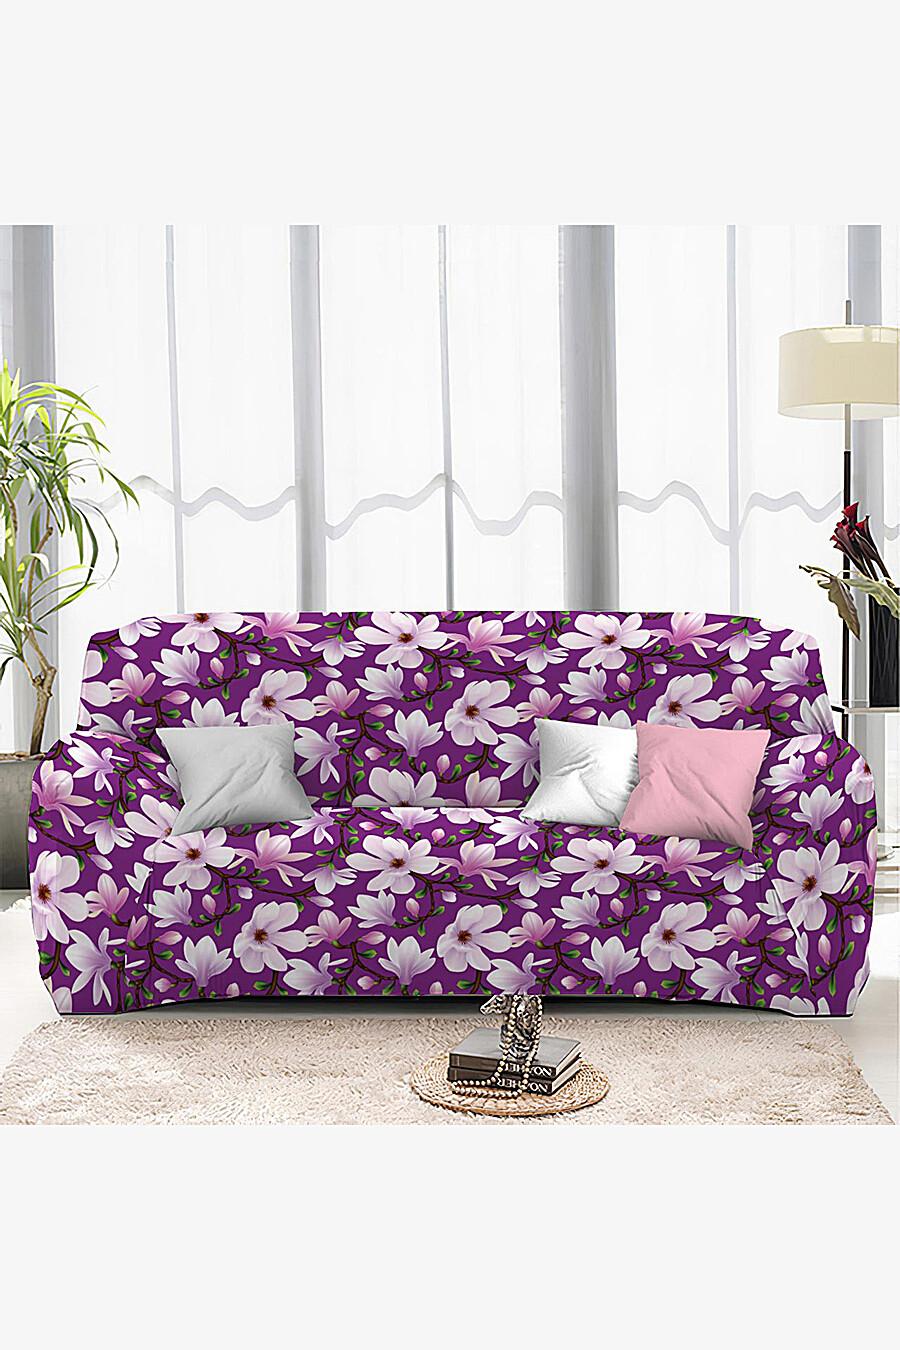 Чехол на диван для дома ART HOME TEXTILE 162881 купить оптом от производителя. Совместная покупка товаров для дома в OptMoyo